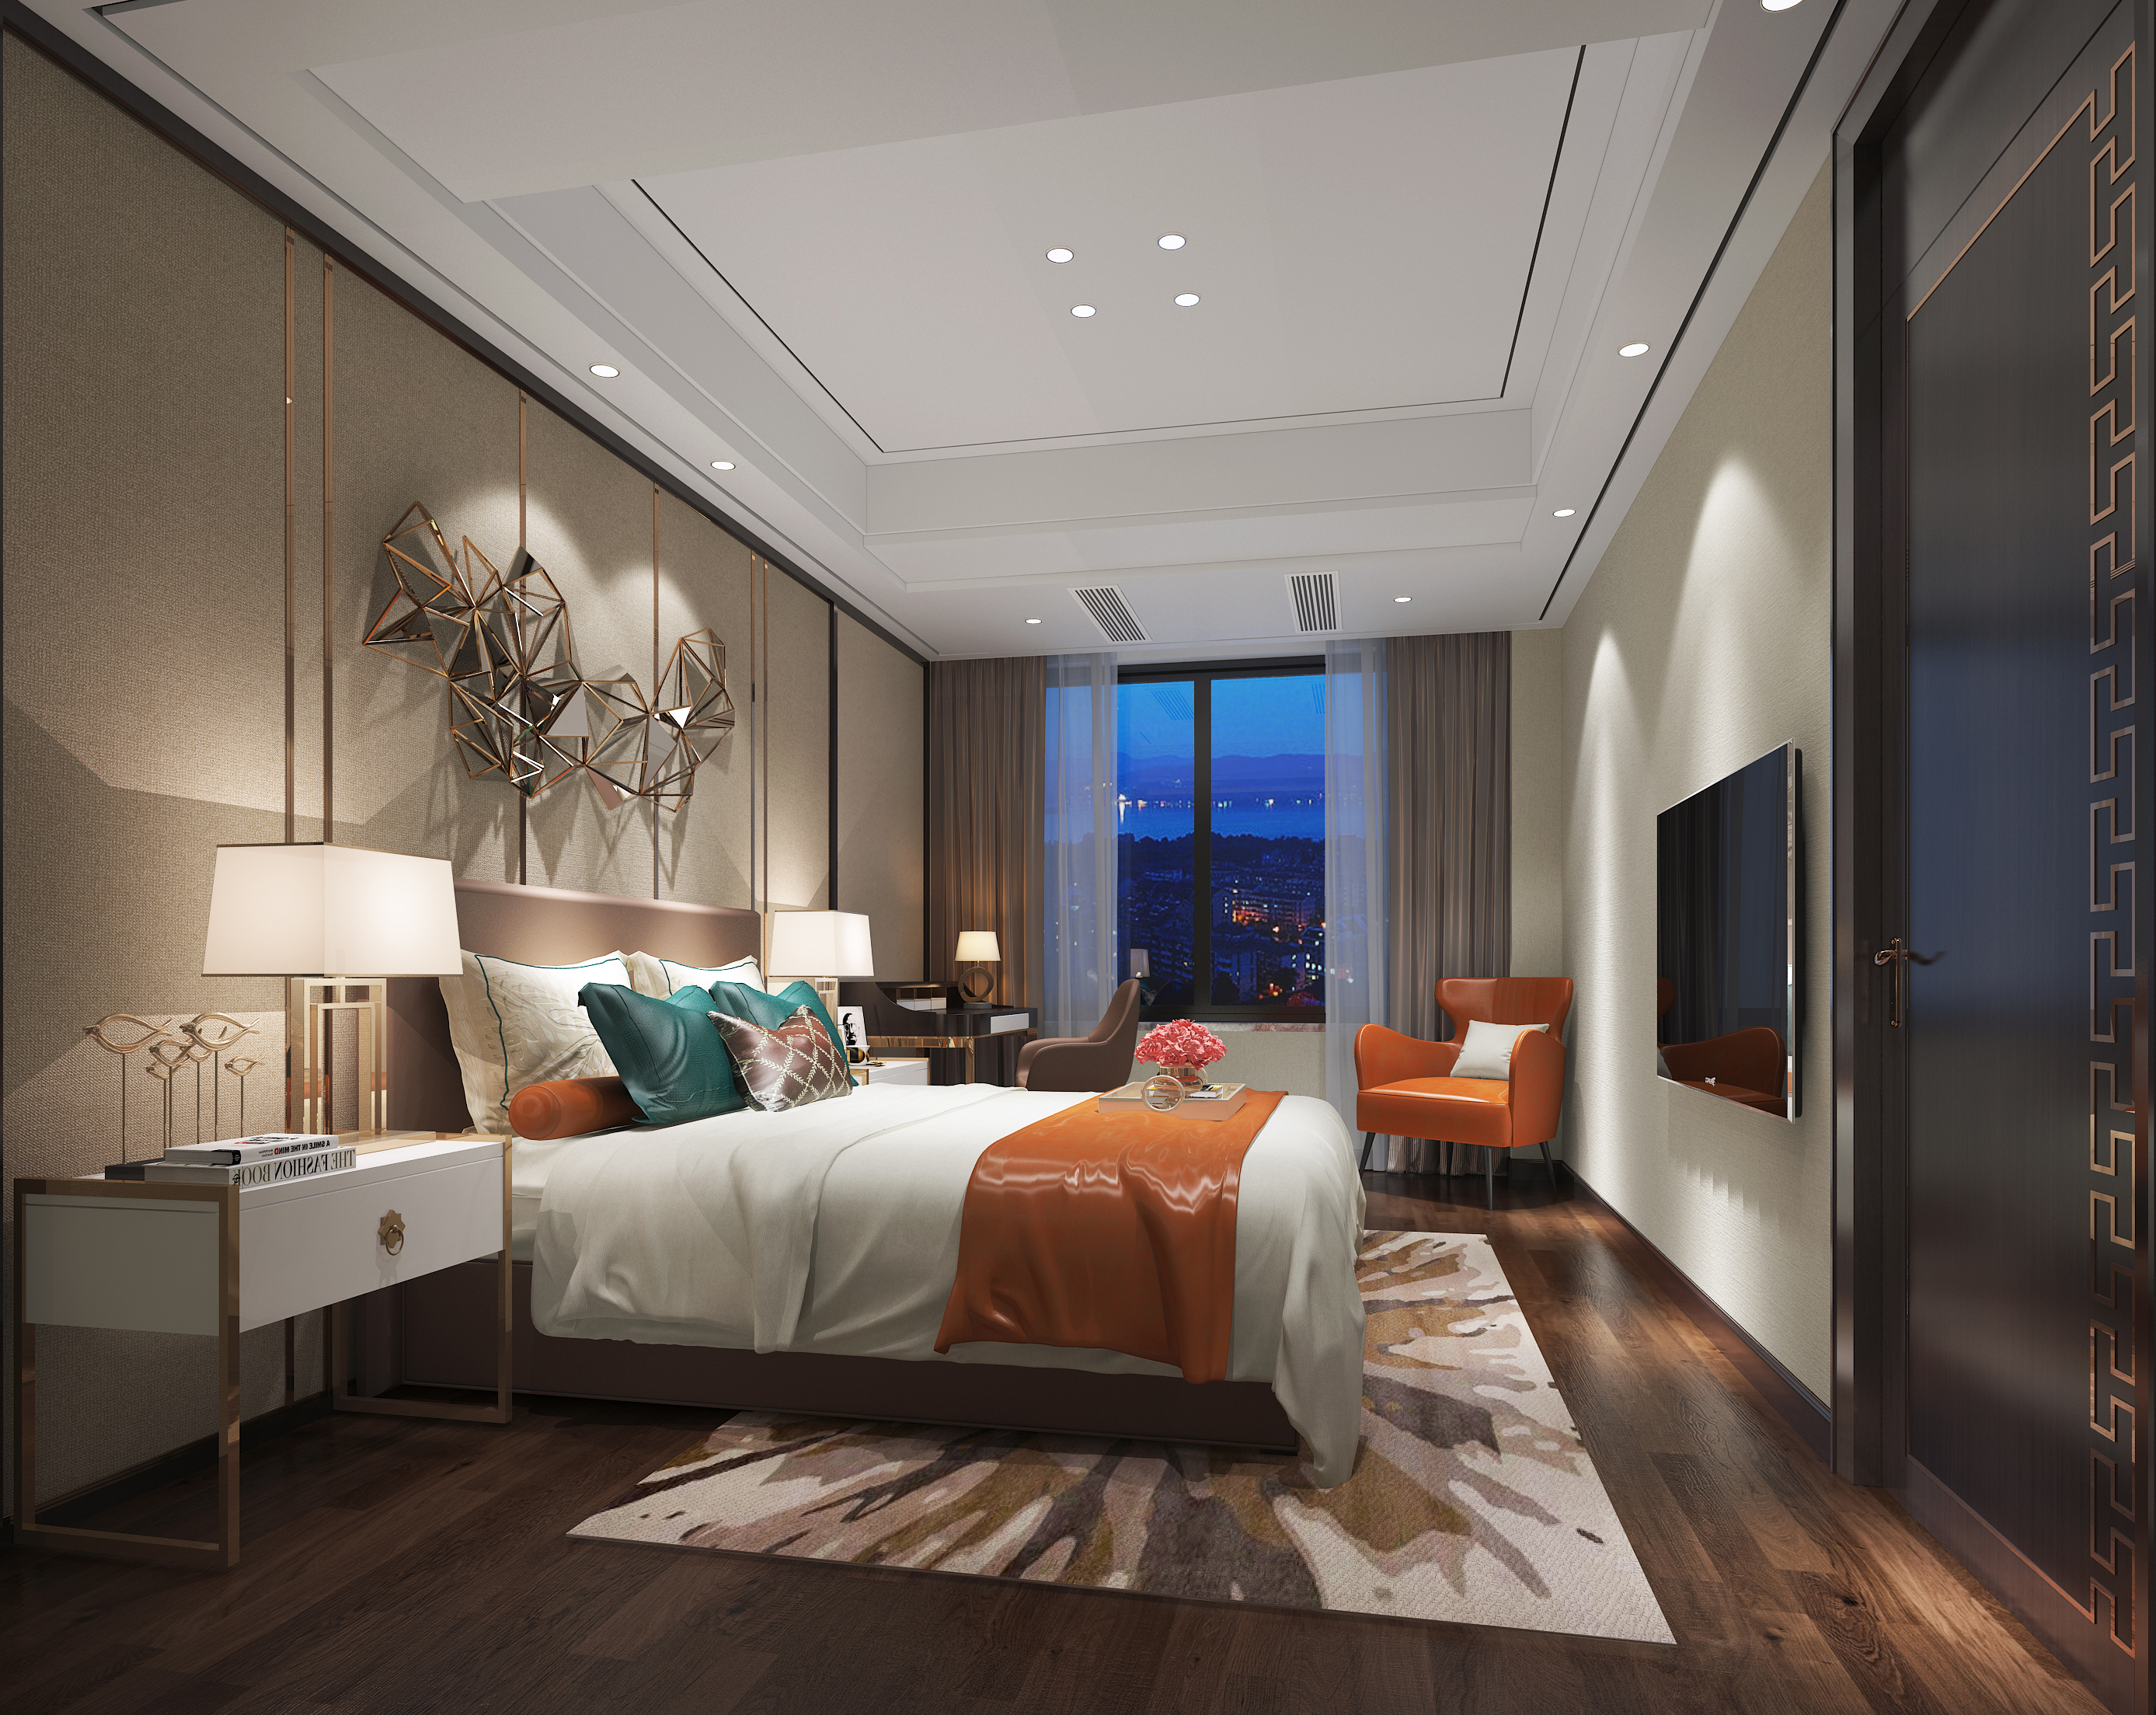 福泰海灣新城中式裝修  最好的房子往往是最懂生活的人造出來的